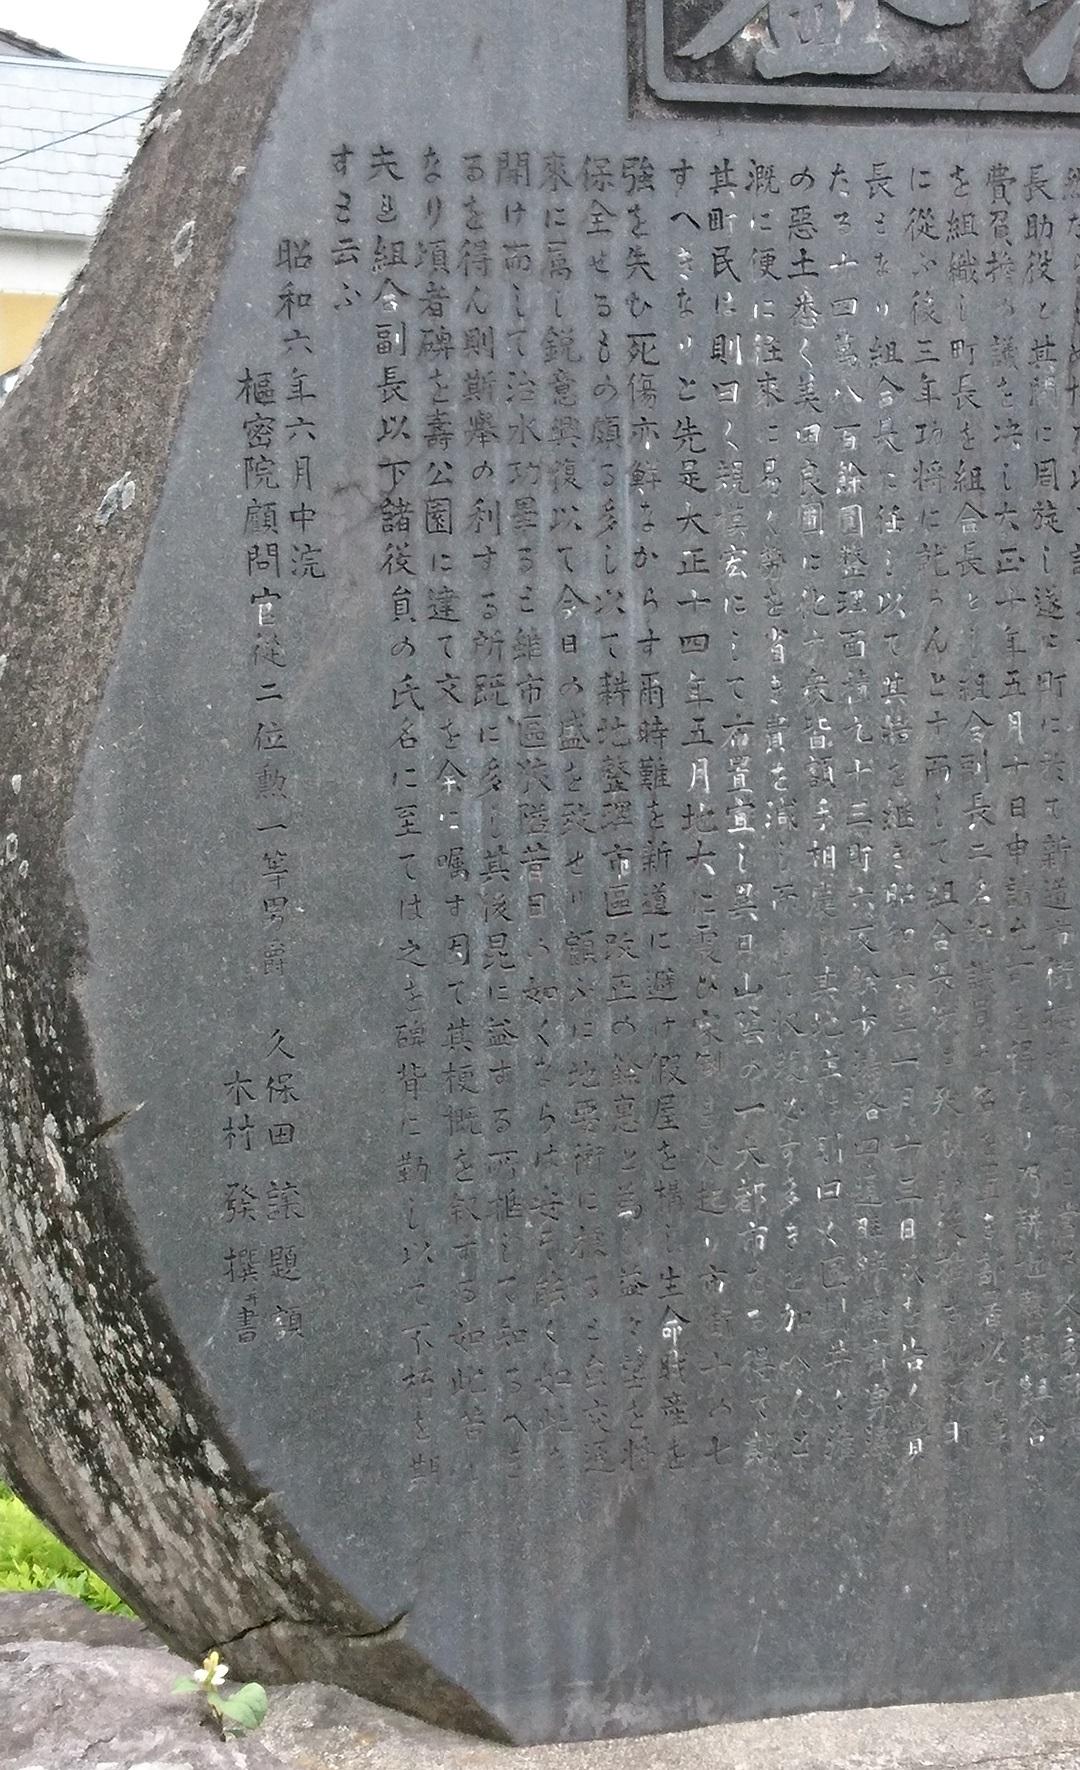 2017.6.3 豊岡 (82) 豊岡町地区整理碑 1080-1770